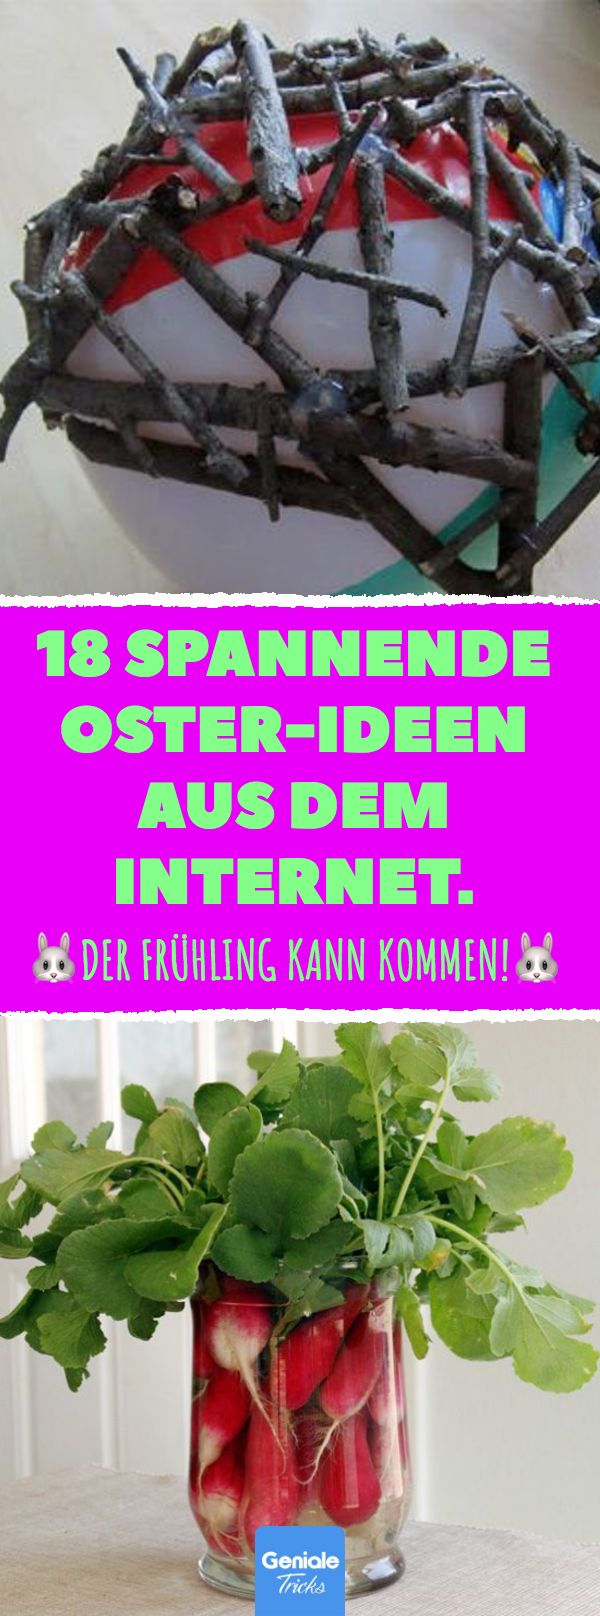 18 spannende Oster-Ideen aus dem Internet. Die 18 …